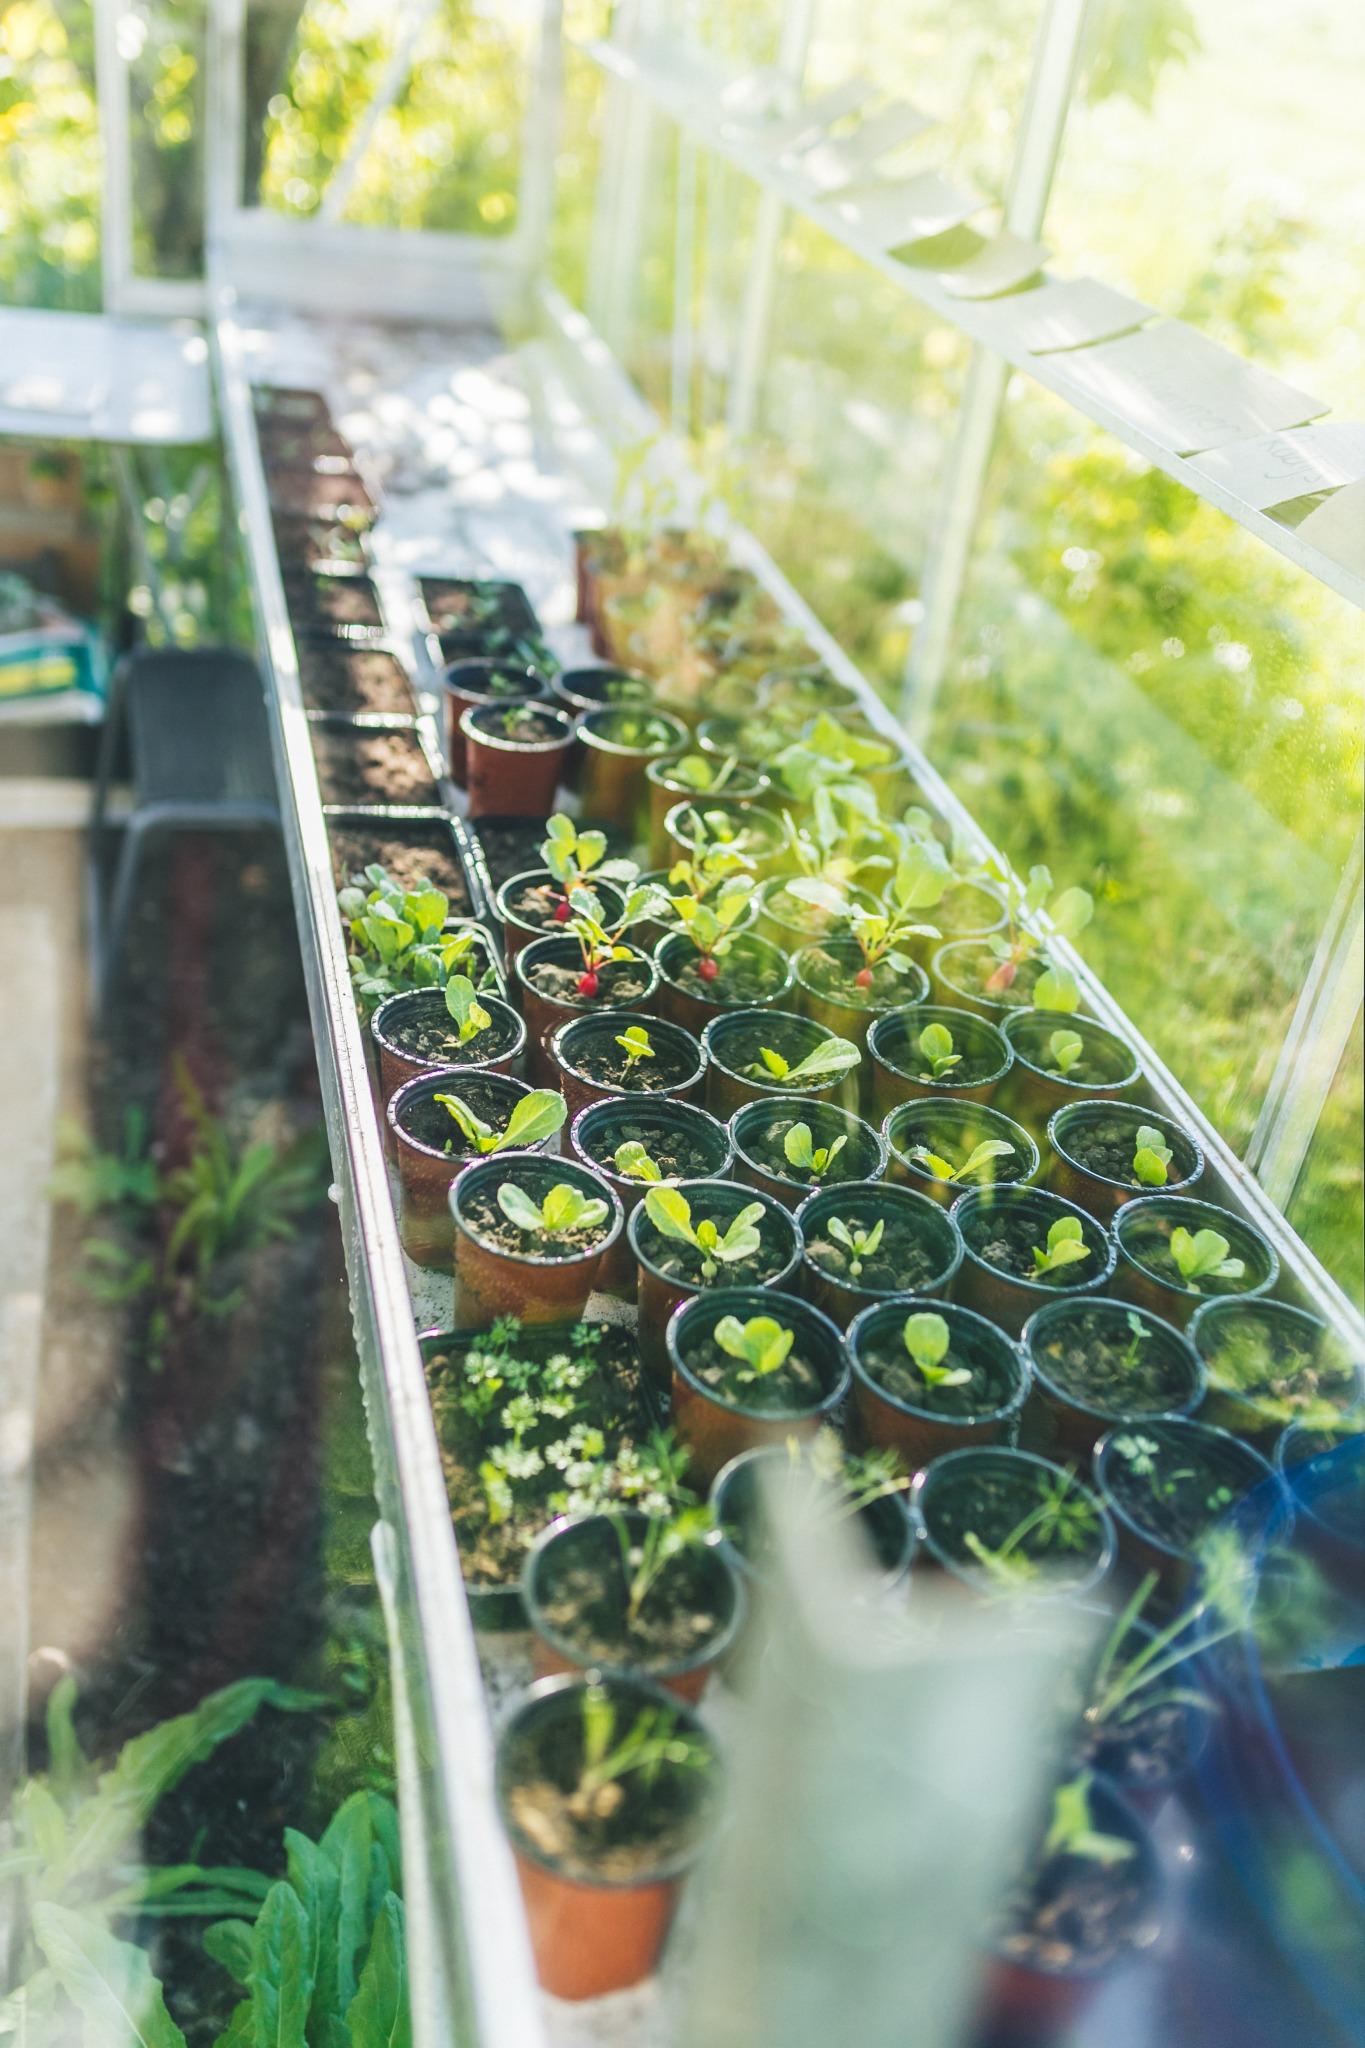 de kas vol met planten